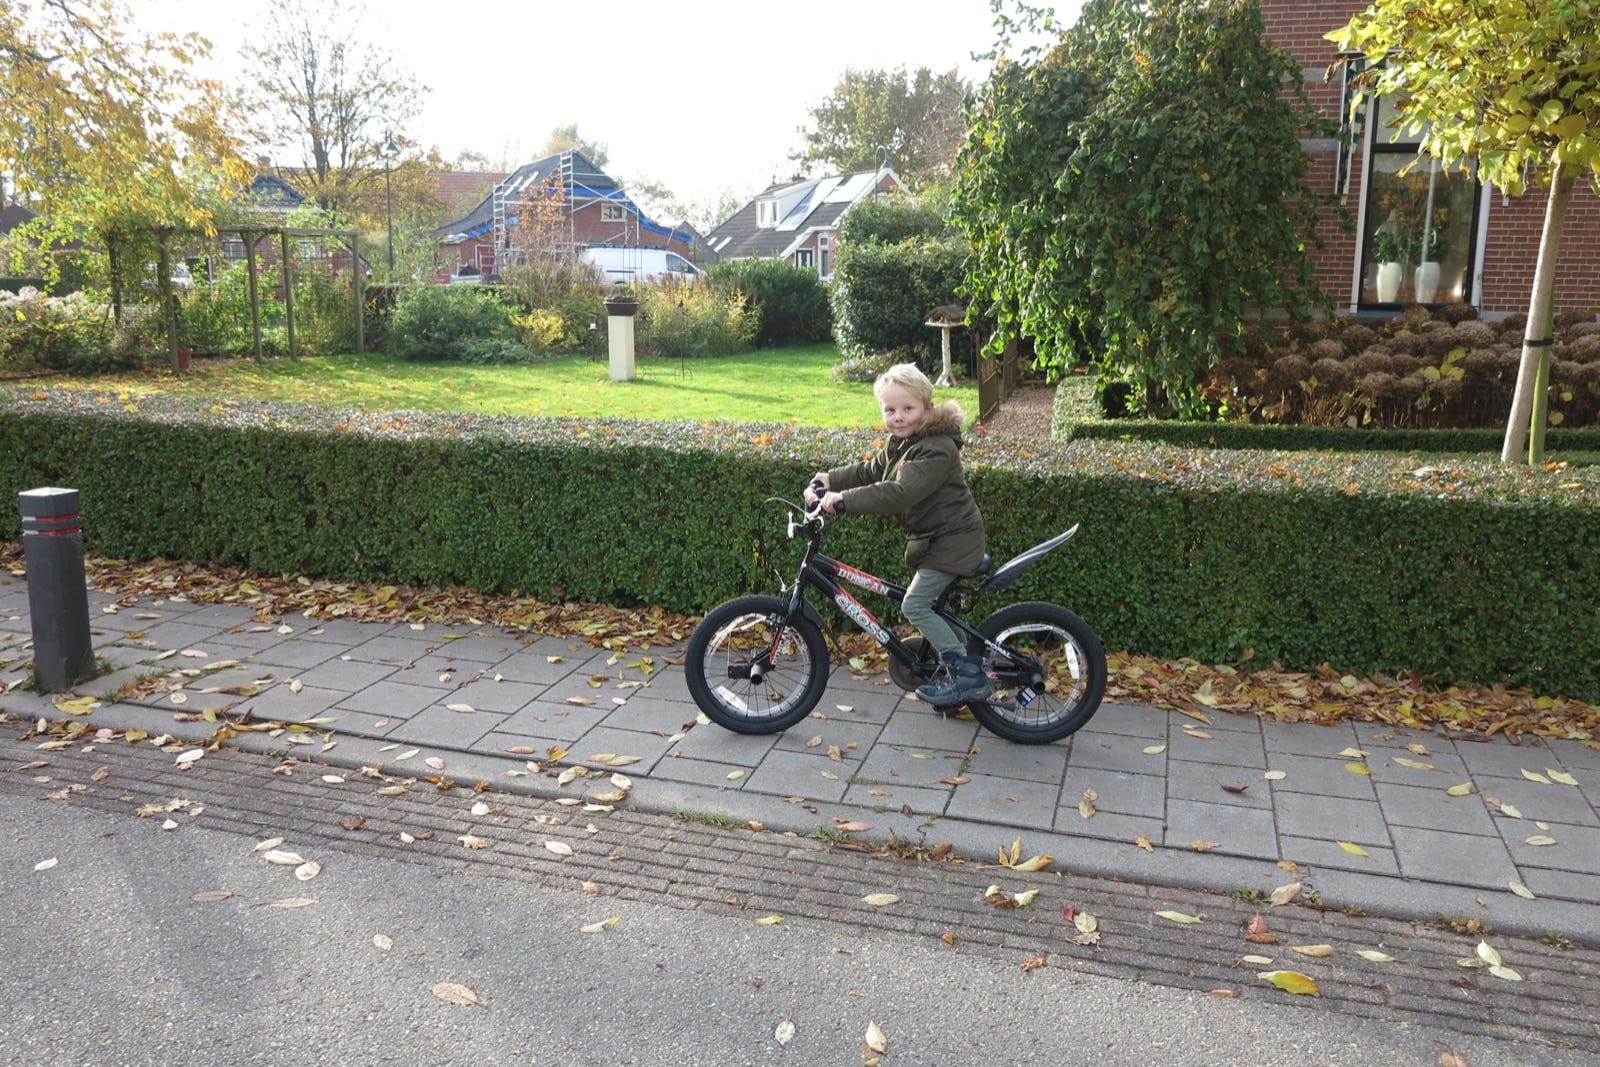 et-fiets-en-fietser-98-axel-blaauw-oi.jpg